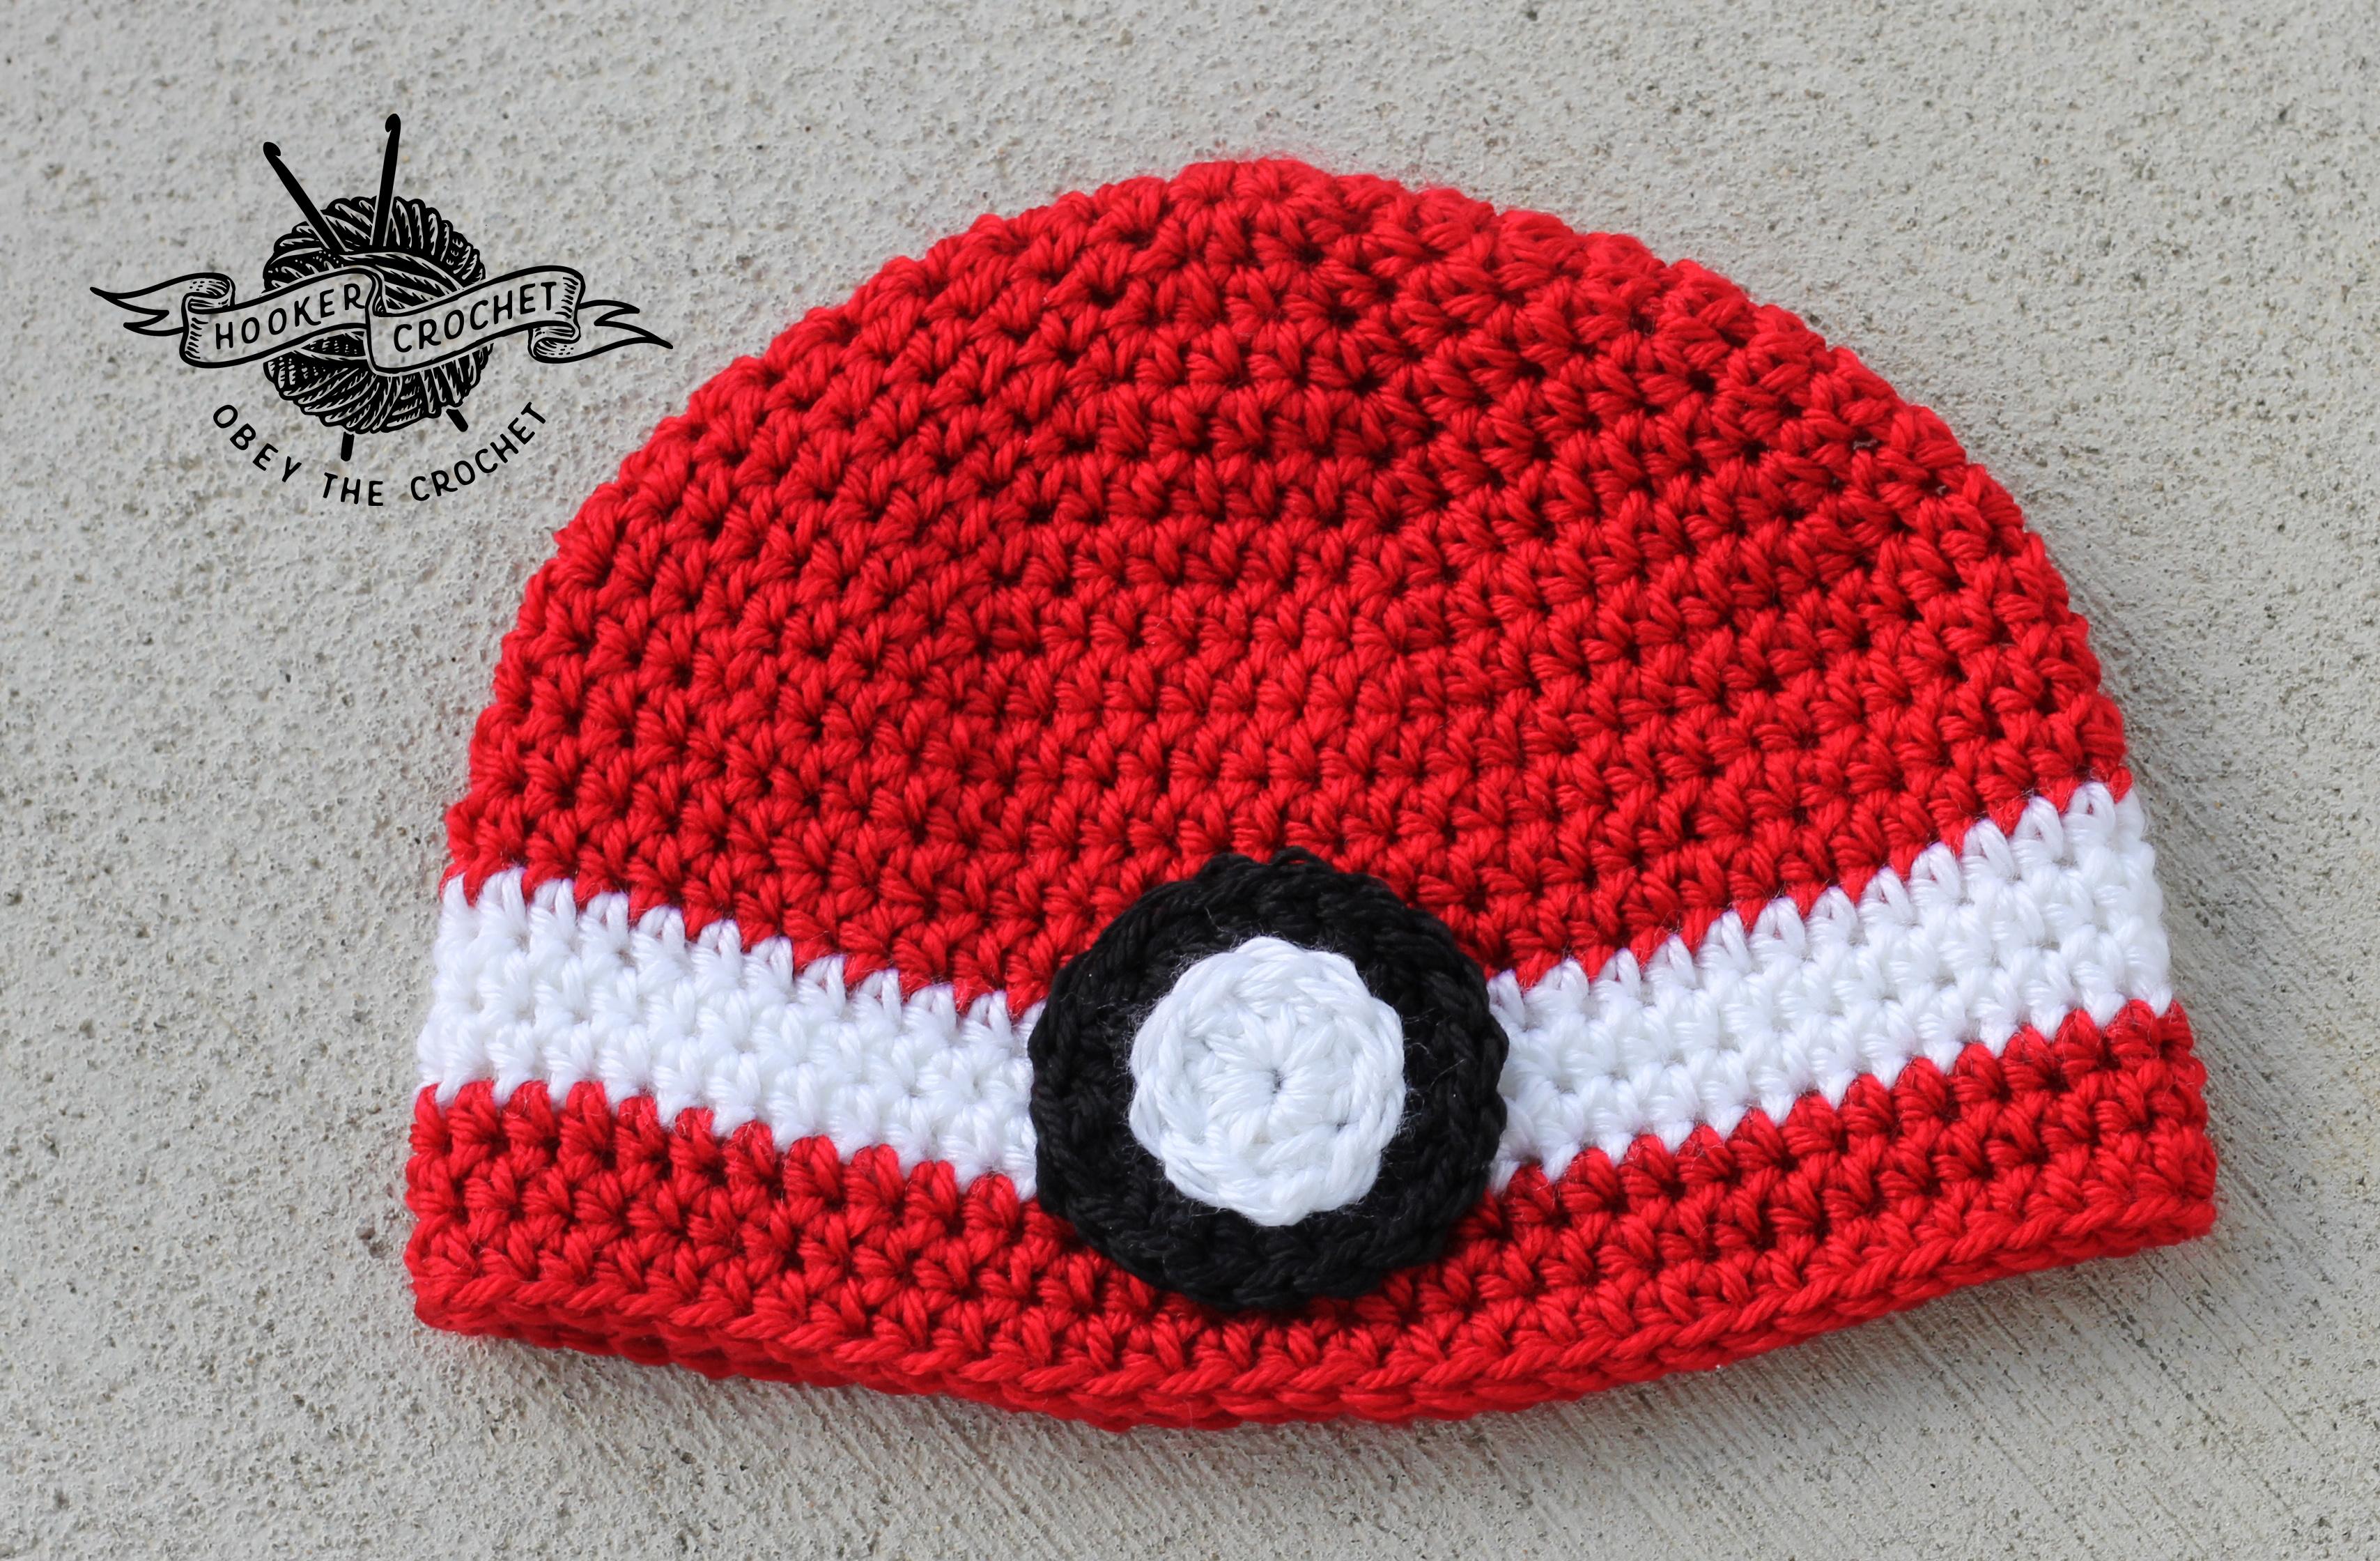 Pokeball Hooker Crochet